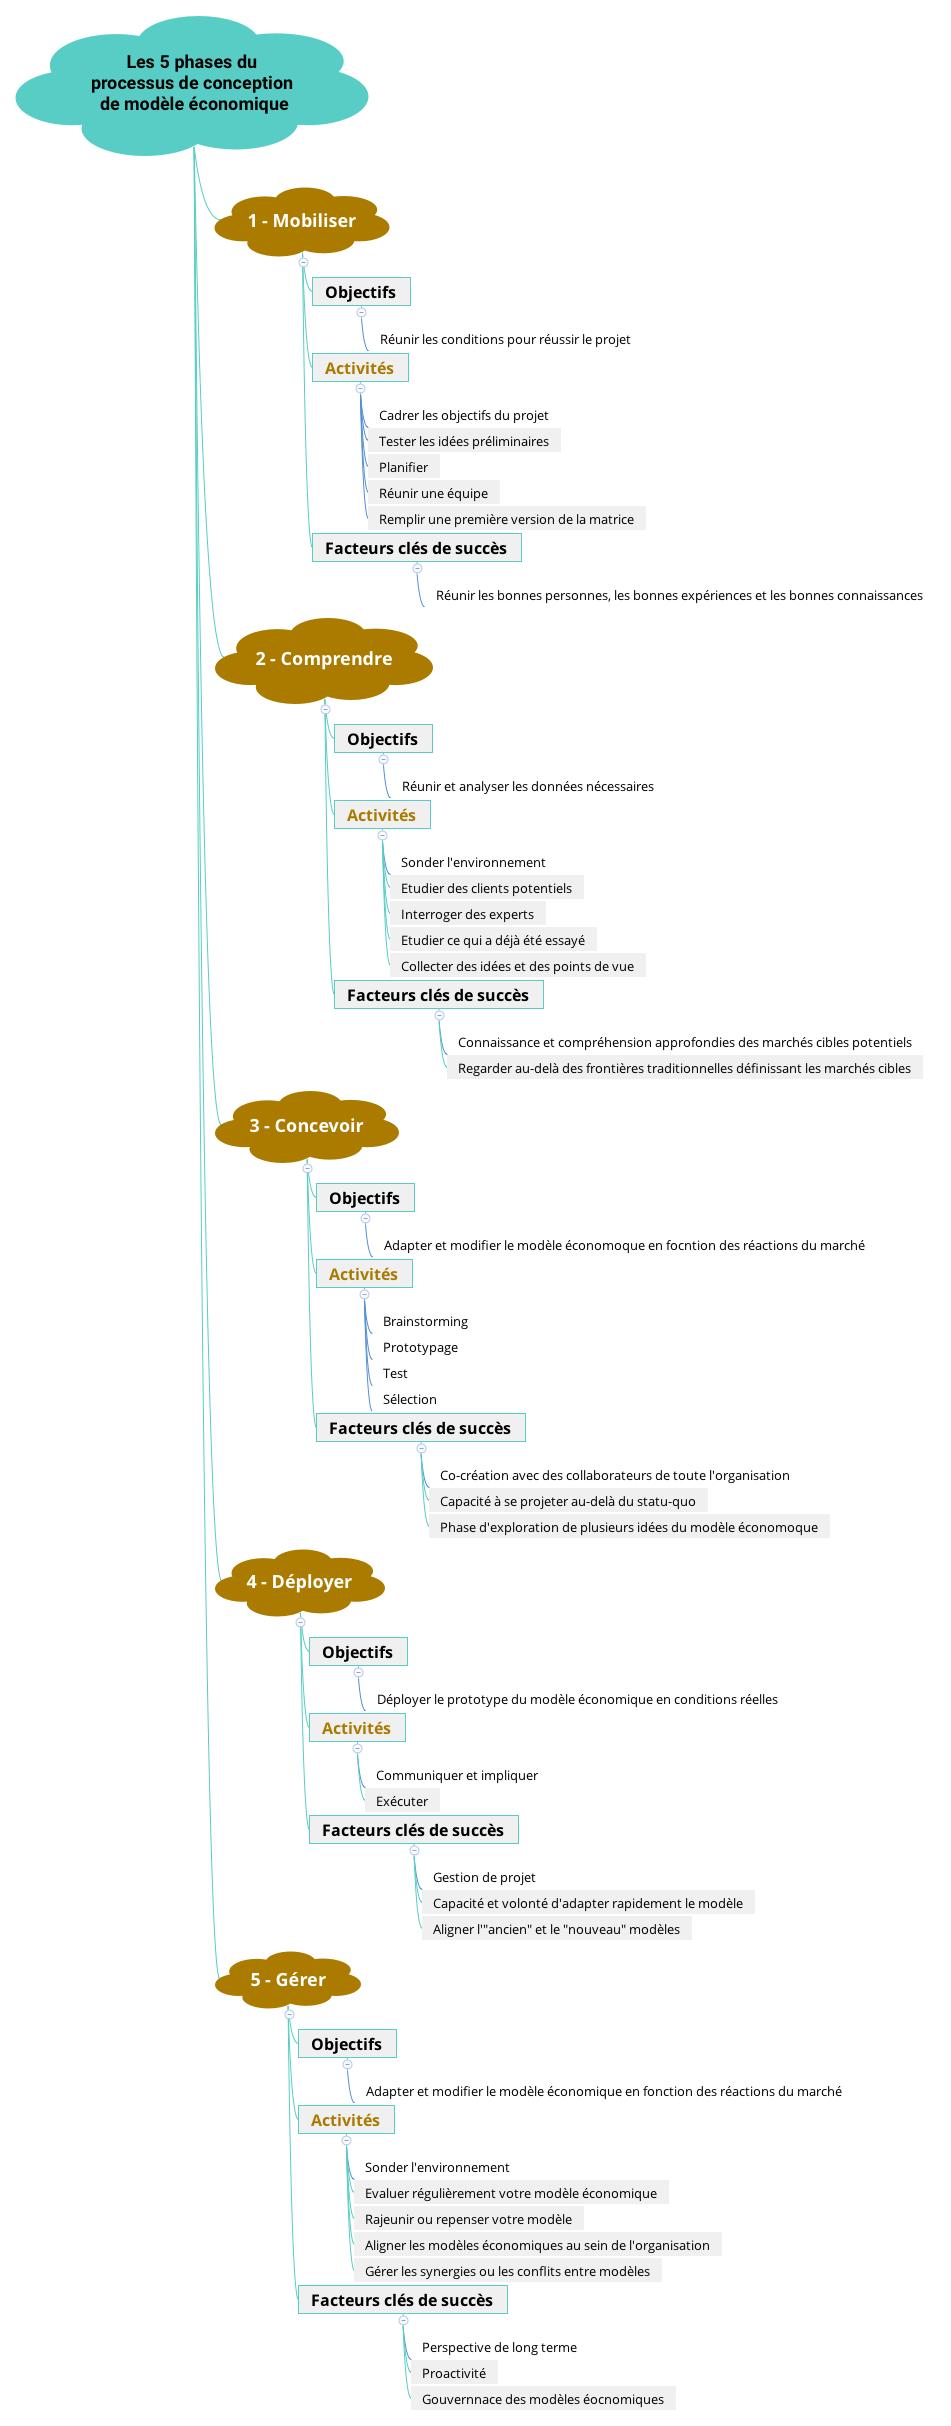 Les 5 phases du processus de conception de modèle économique